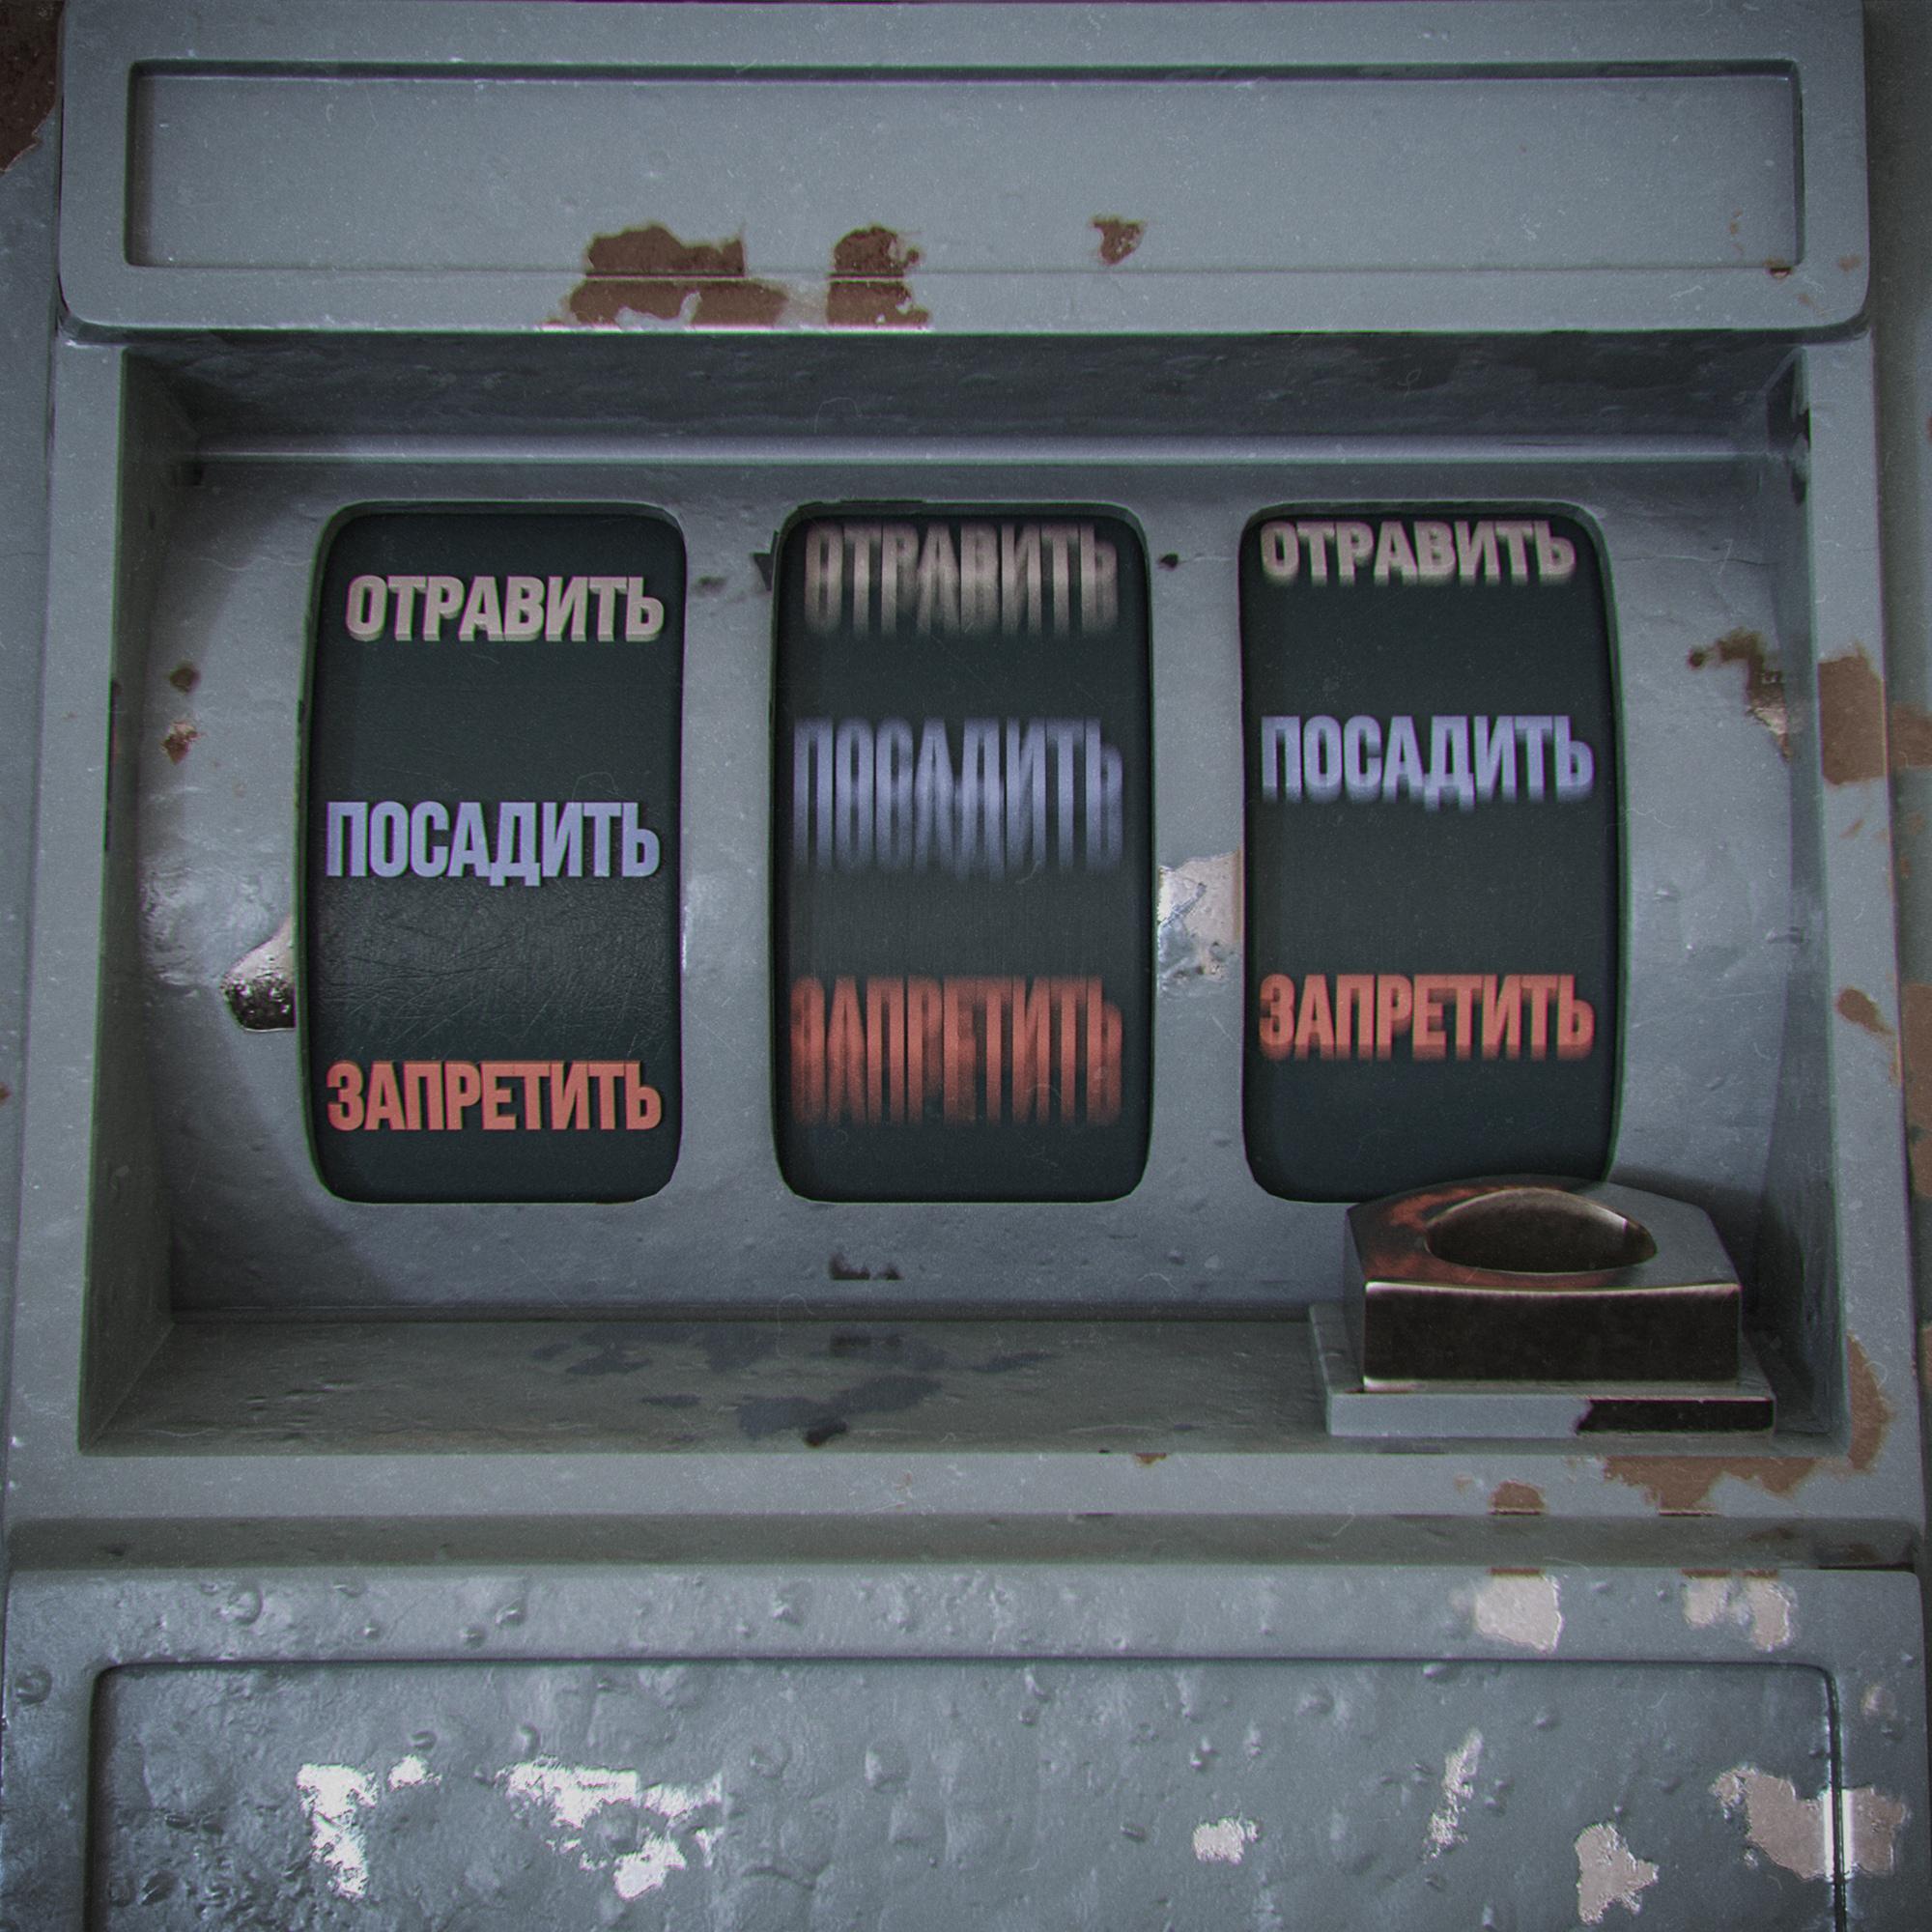 Лев переулков, работа «Двурукий бандит»